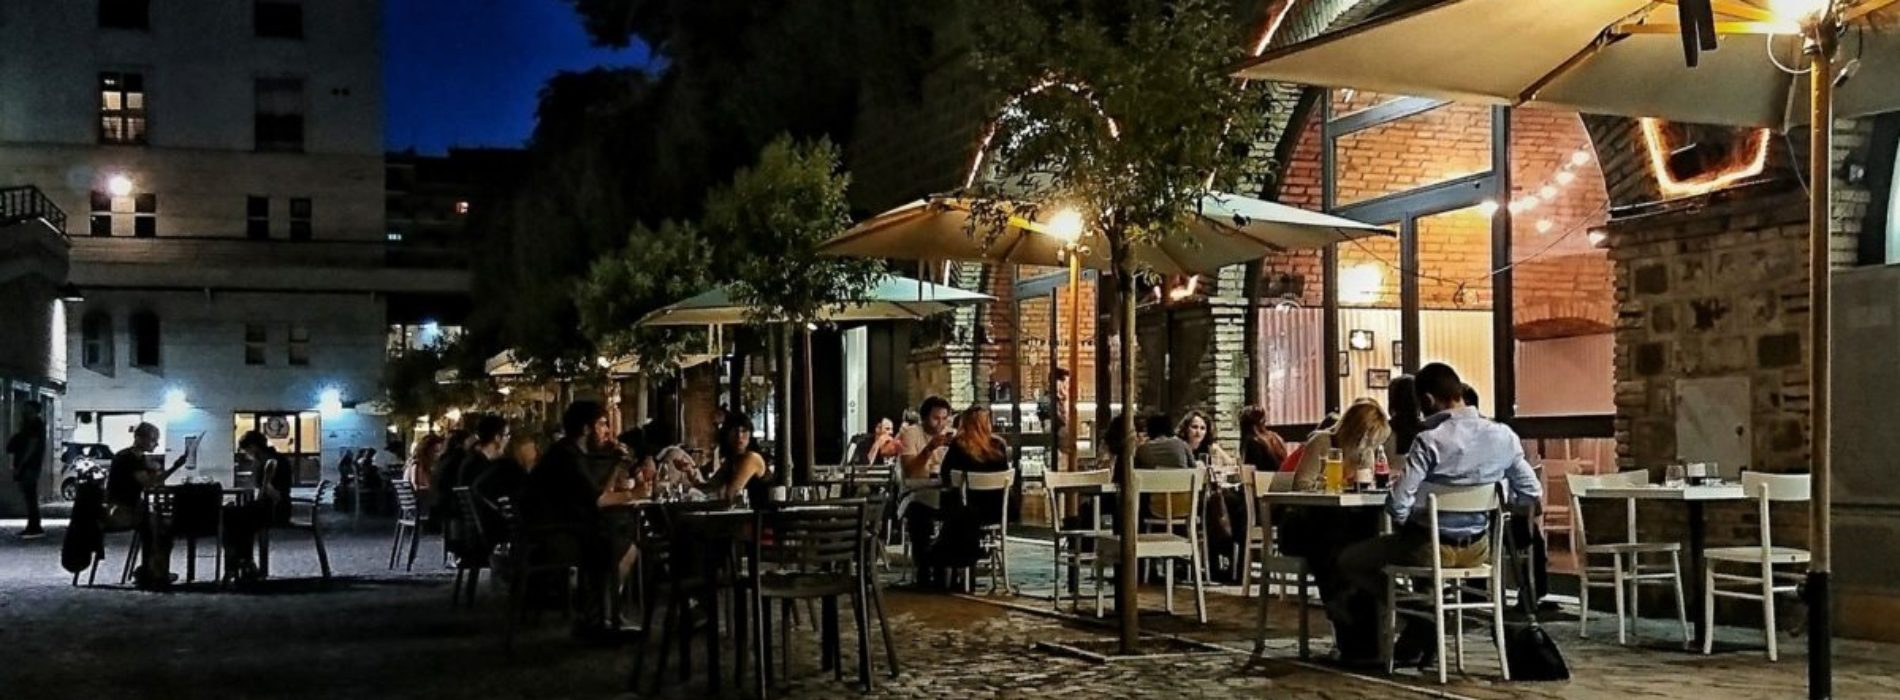 Mangiare allaperto a Roma ristoranti e trattorie con